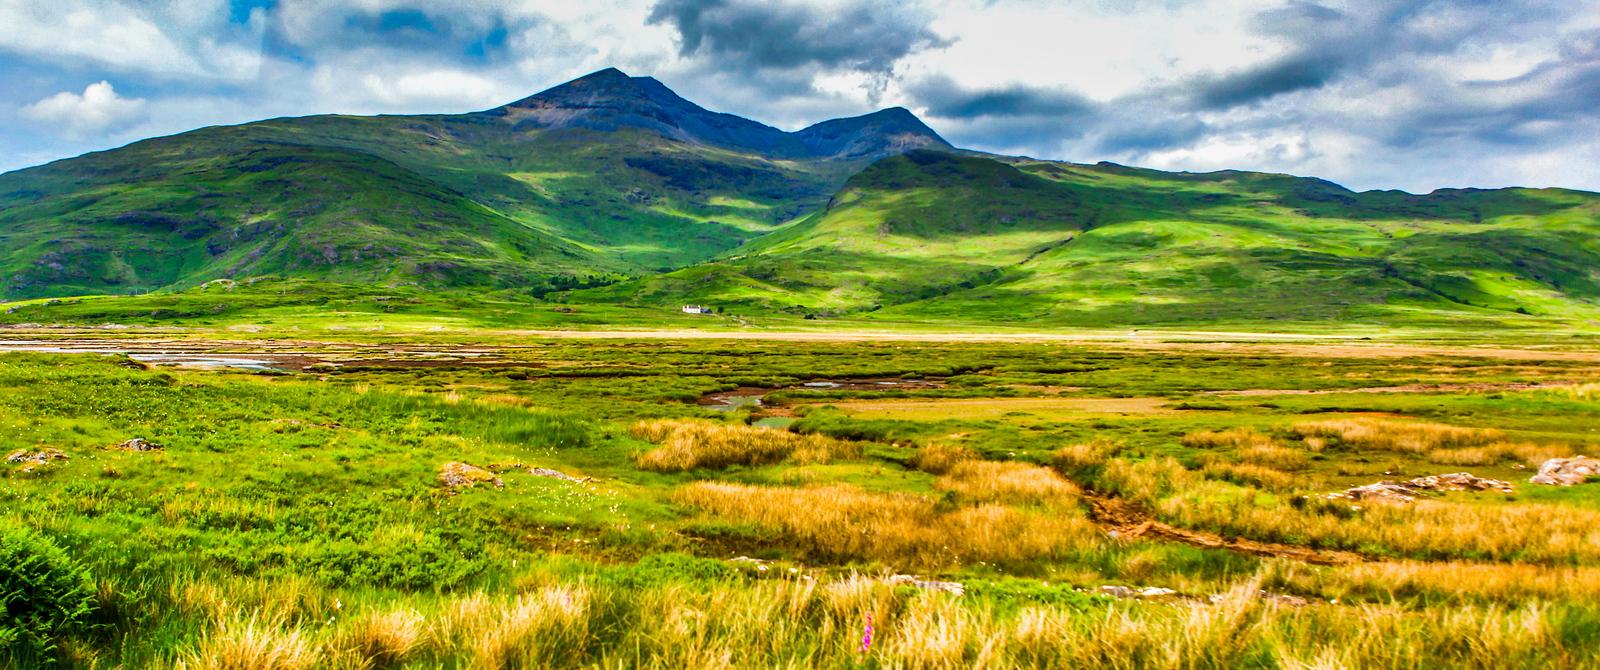 苏格兰美景,风景画看不完